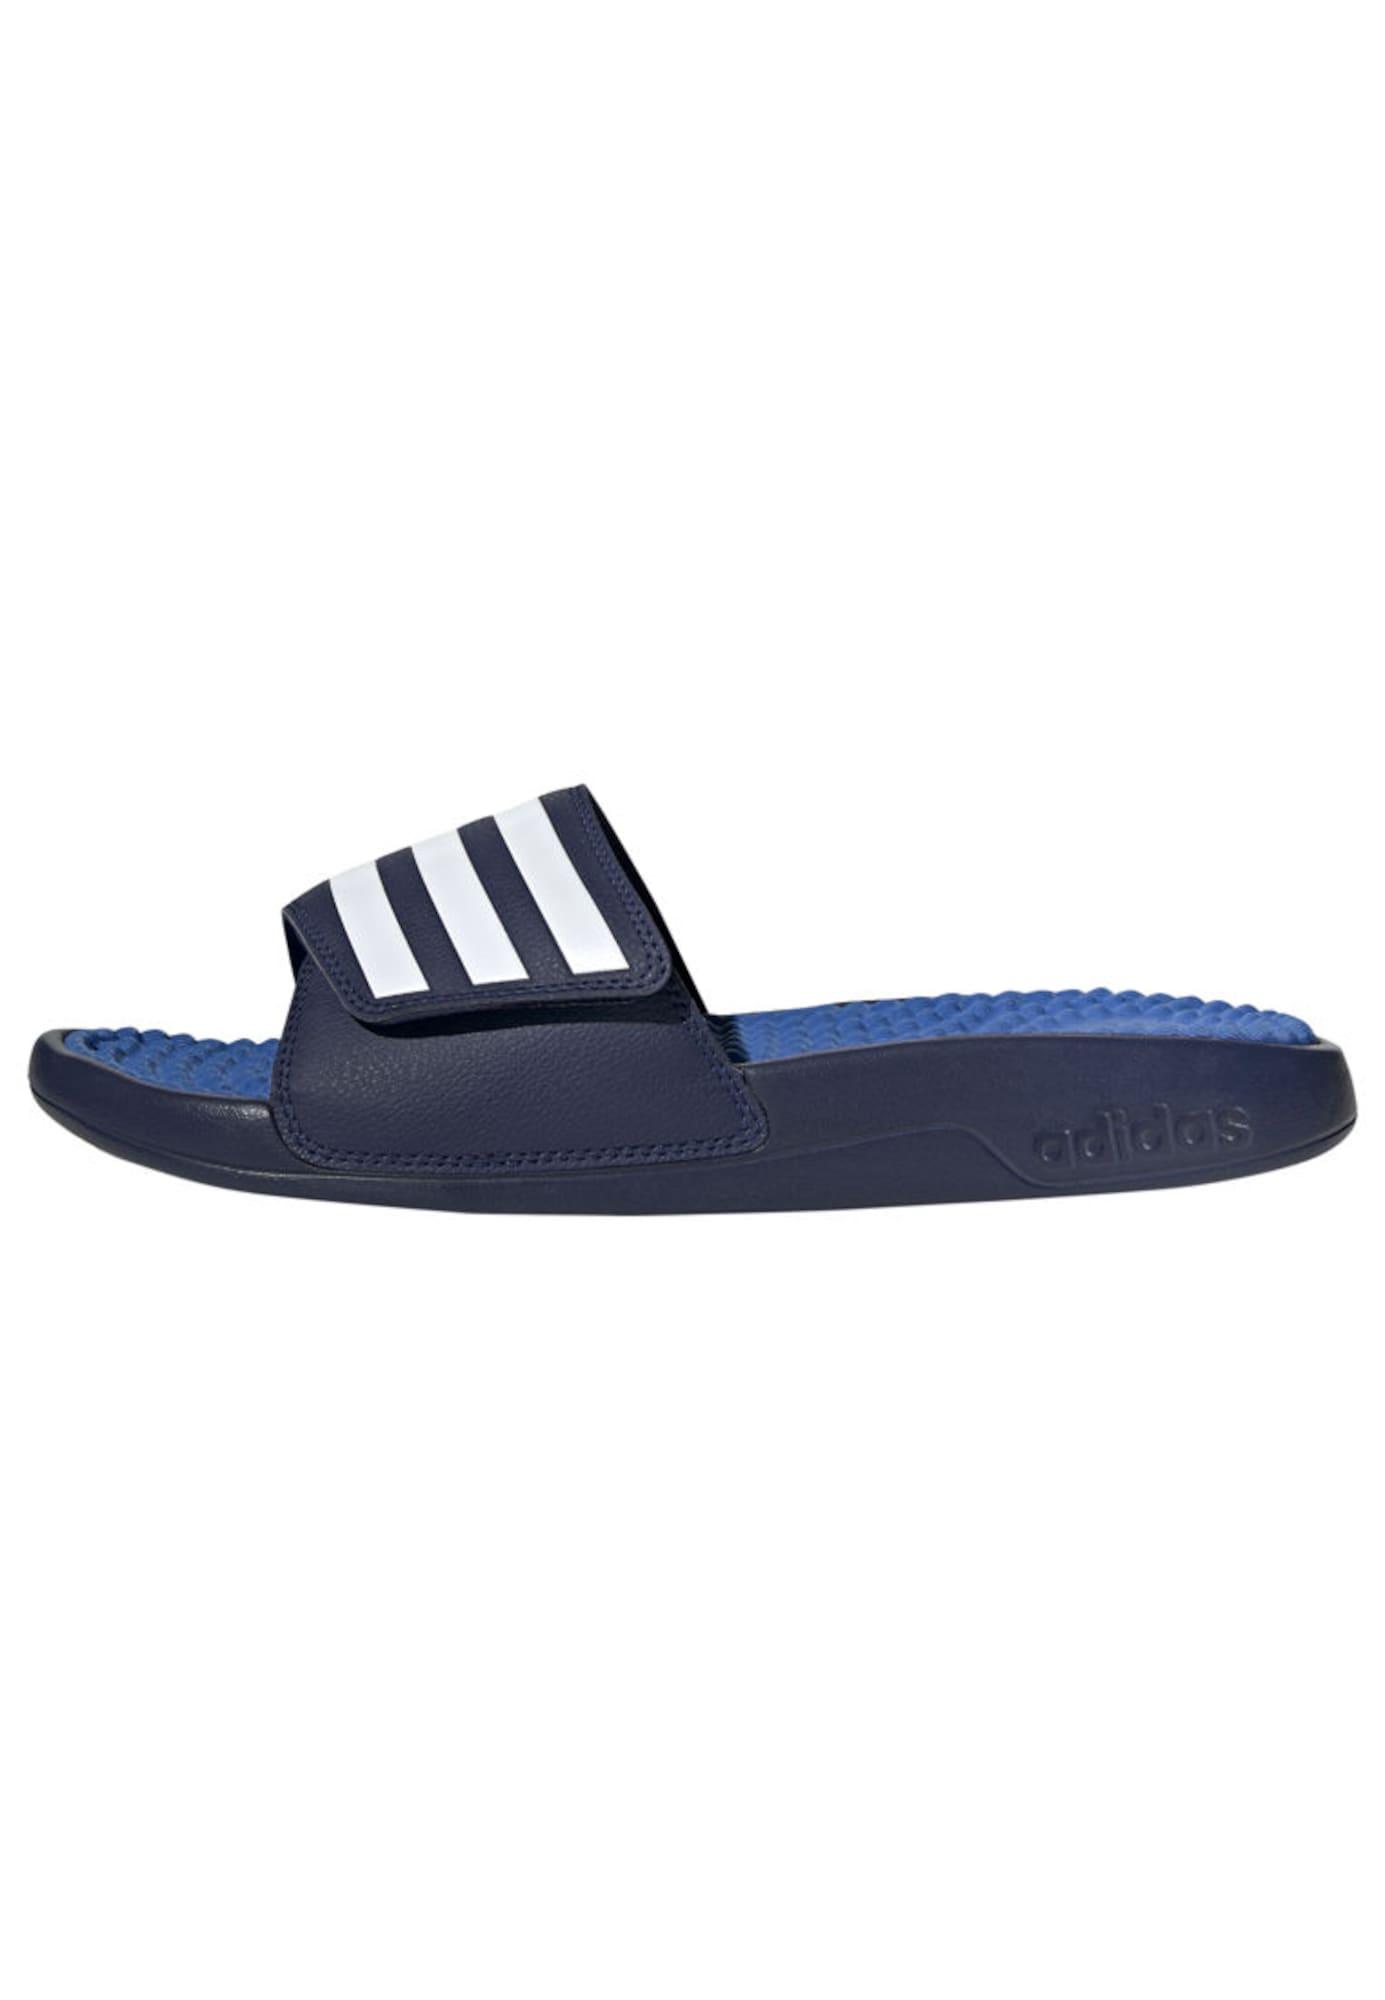 Badeschlappen | Schuhe > Sportschuhe > Badeschuhe | adidas performance